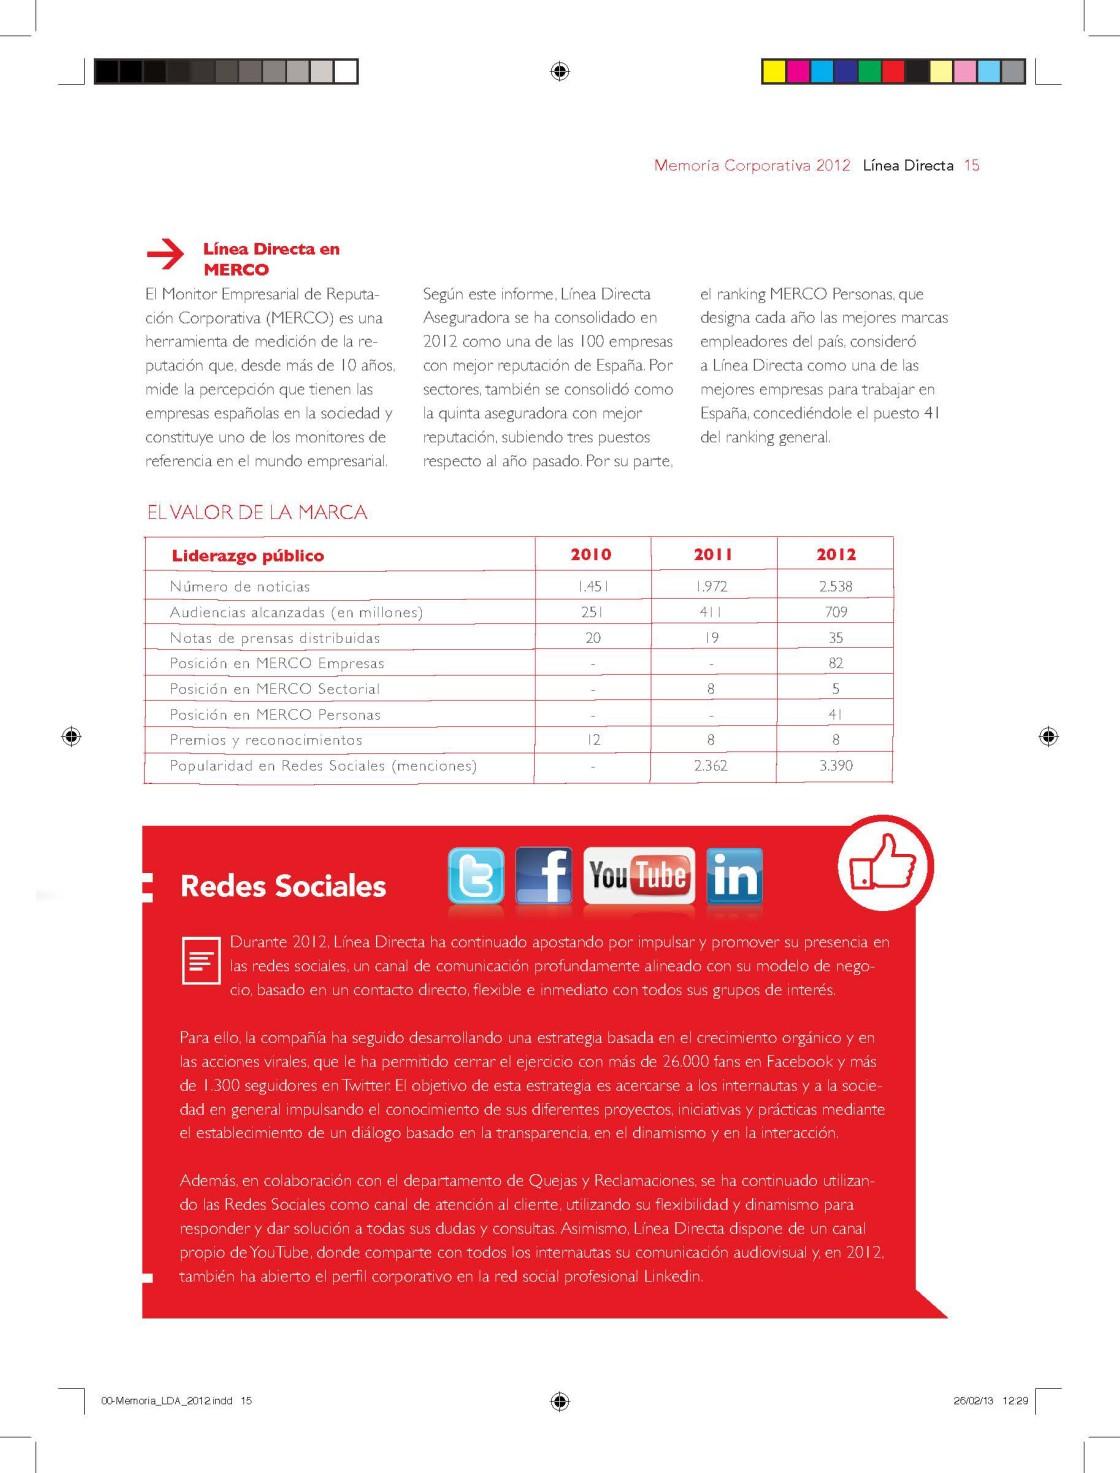 Memoria_LDA_2012_Page_15